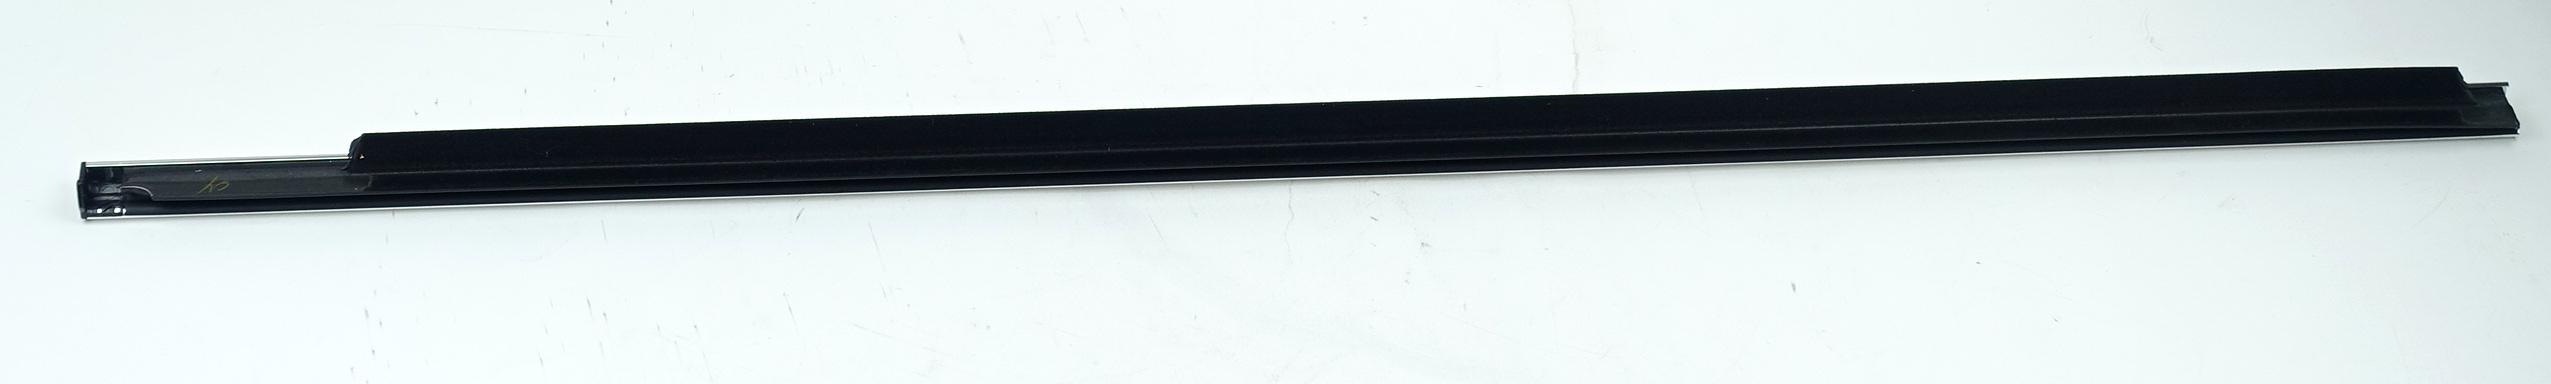 New OEM 95980302 GM Front Door Window Sweep Belt Molding Weatherstrip Left - image 3